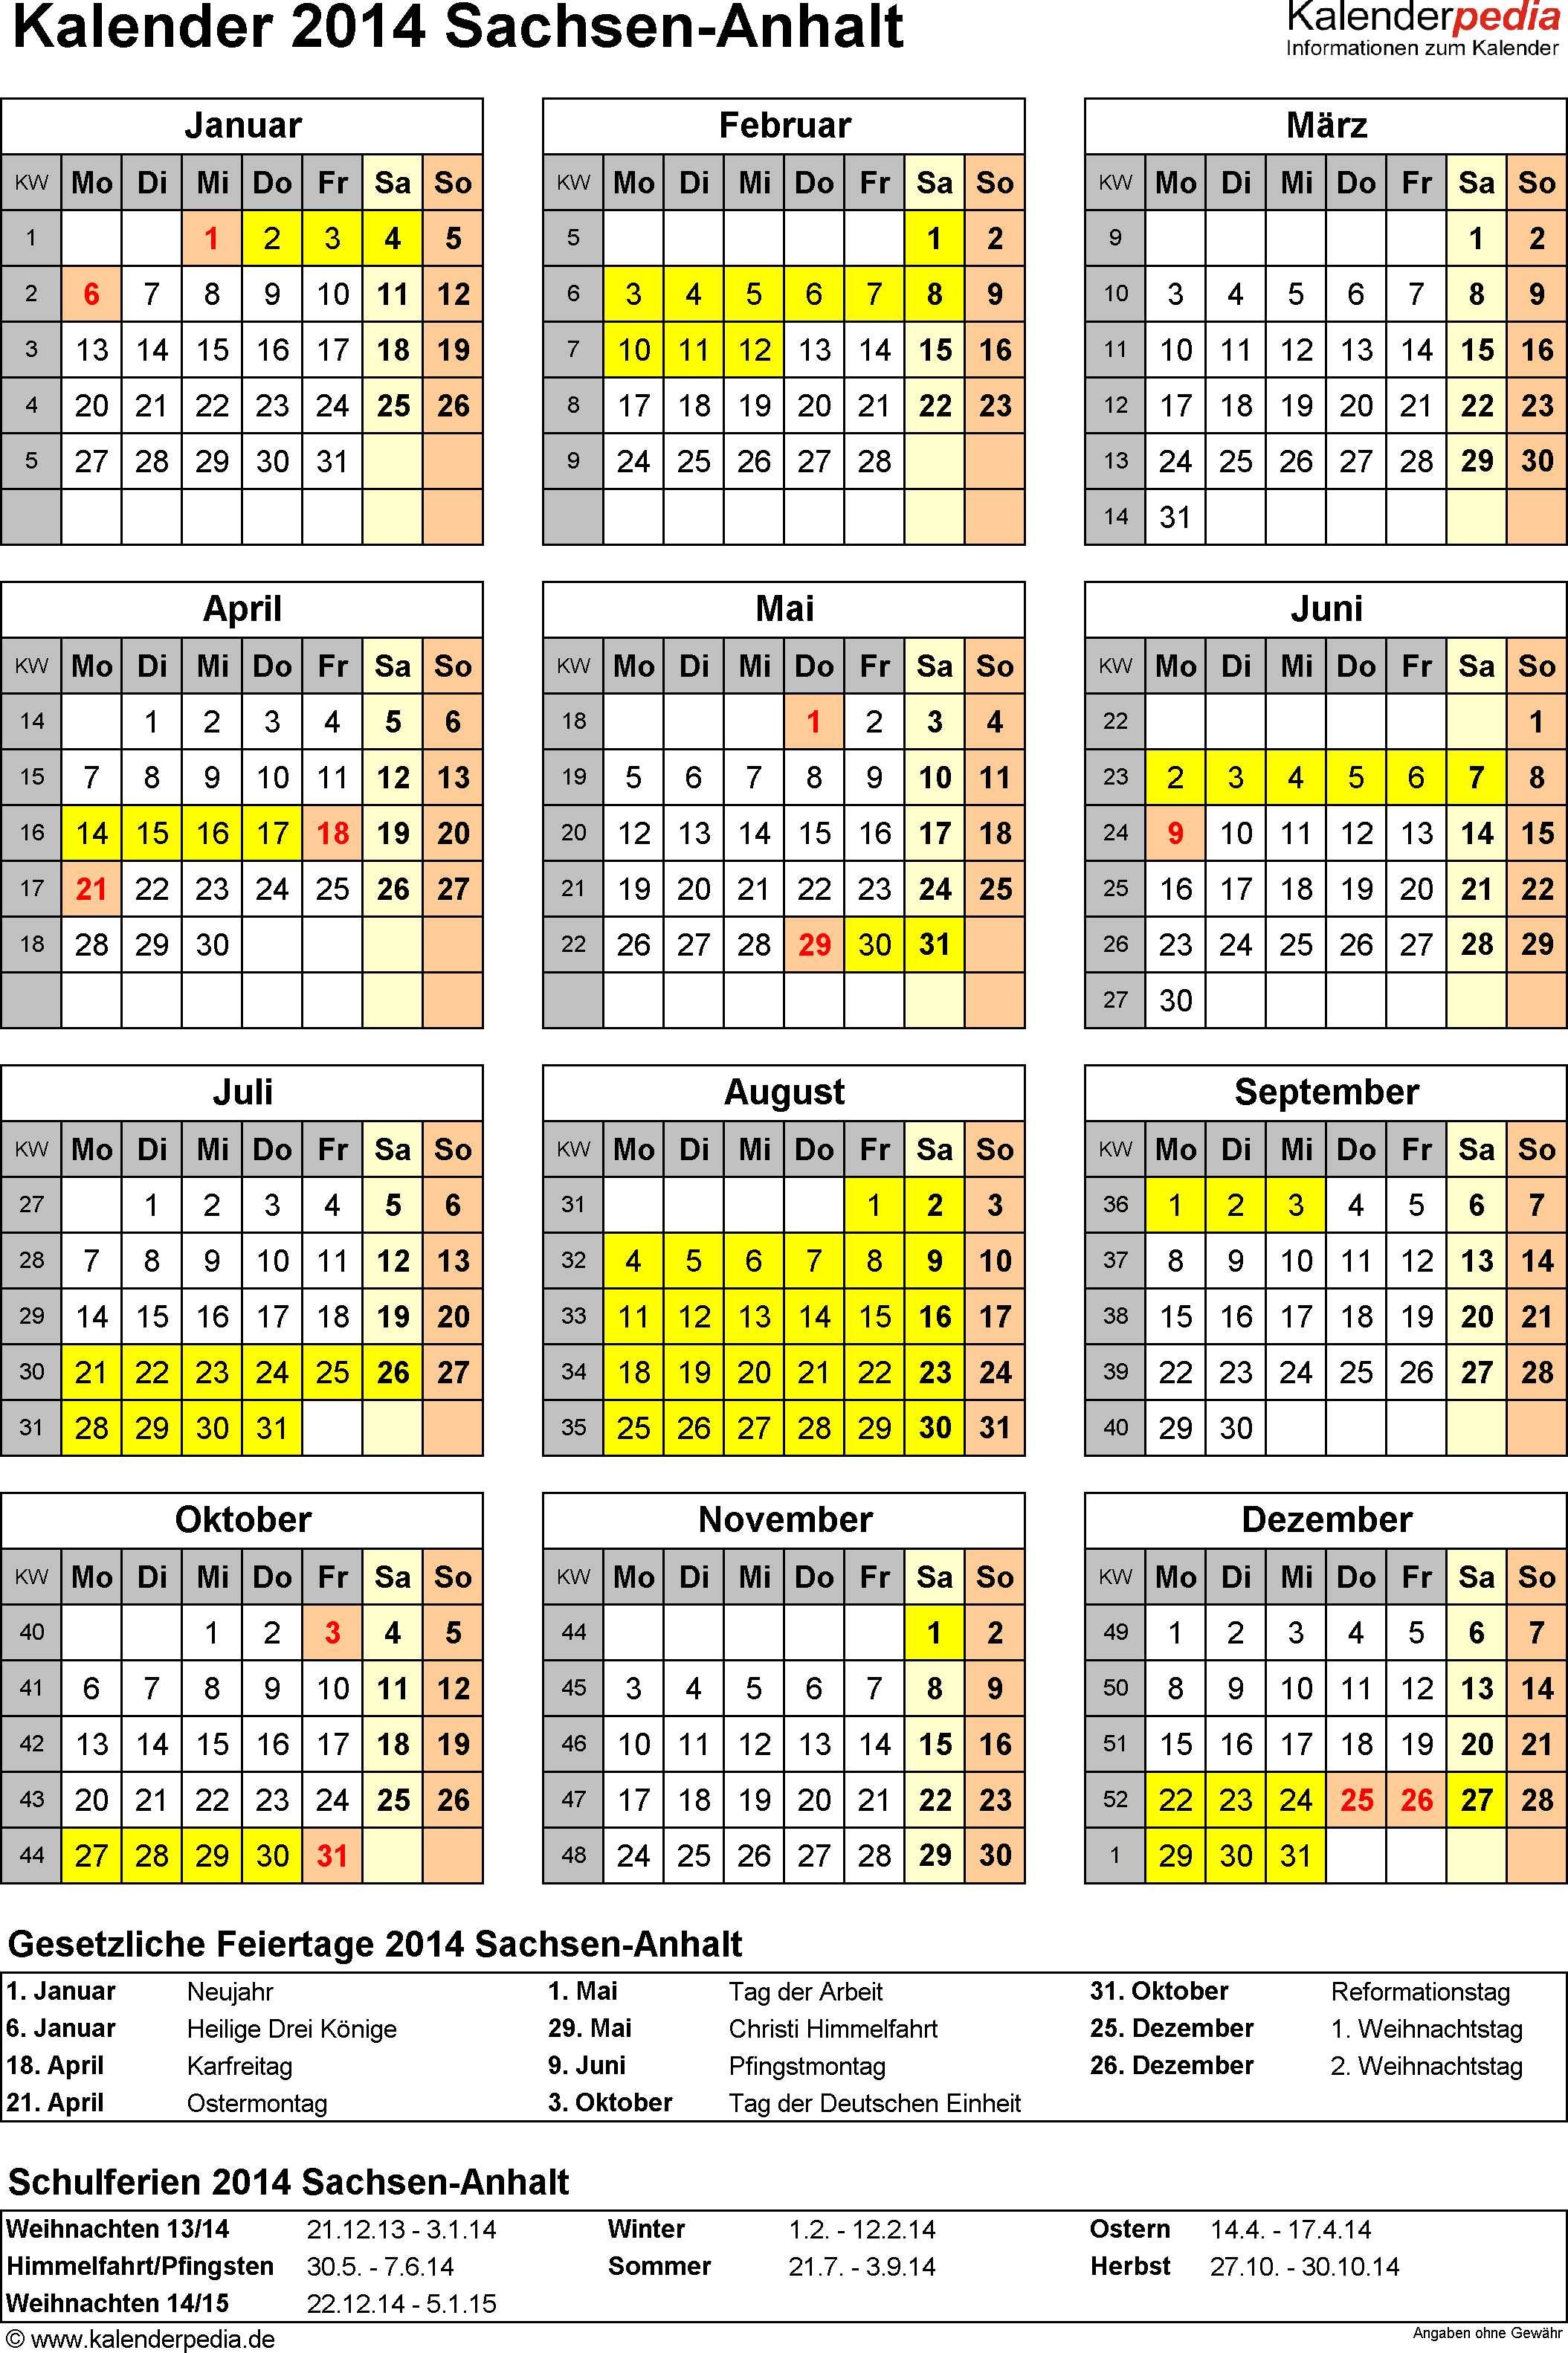 Vorlage 4: Kalender Sachsen-Anhalt 2014 als PDF-Vorlage (Hochformat)